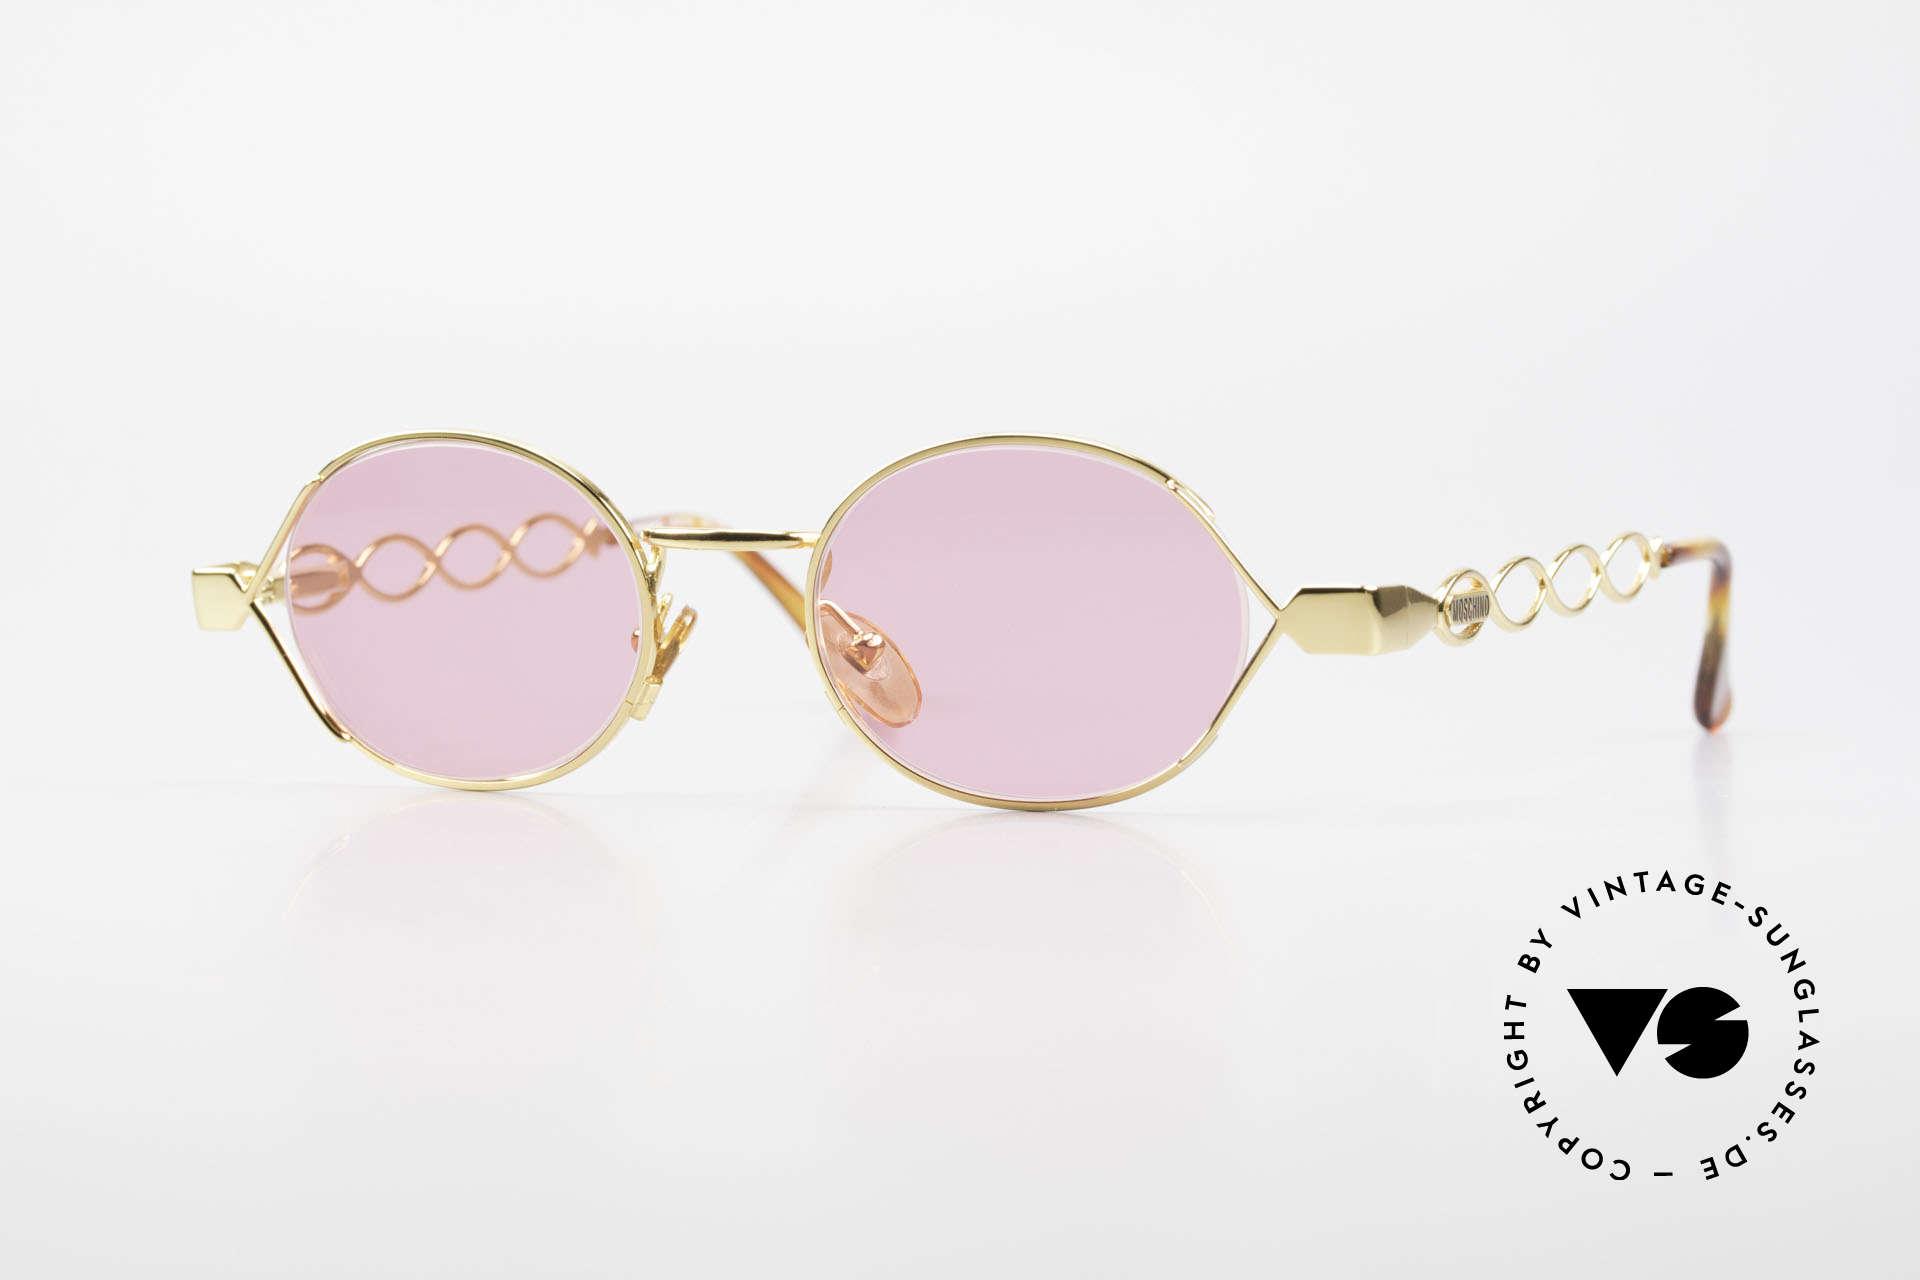 Moschino MM334 Designer Damen Brille Pink, bezaubernde pinke Moschino vintage Sonnenbrille, Passend für Damen